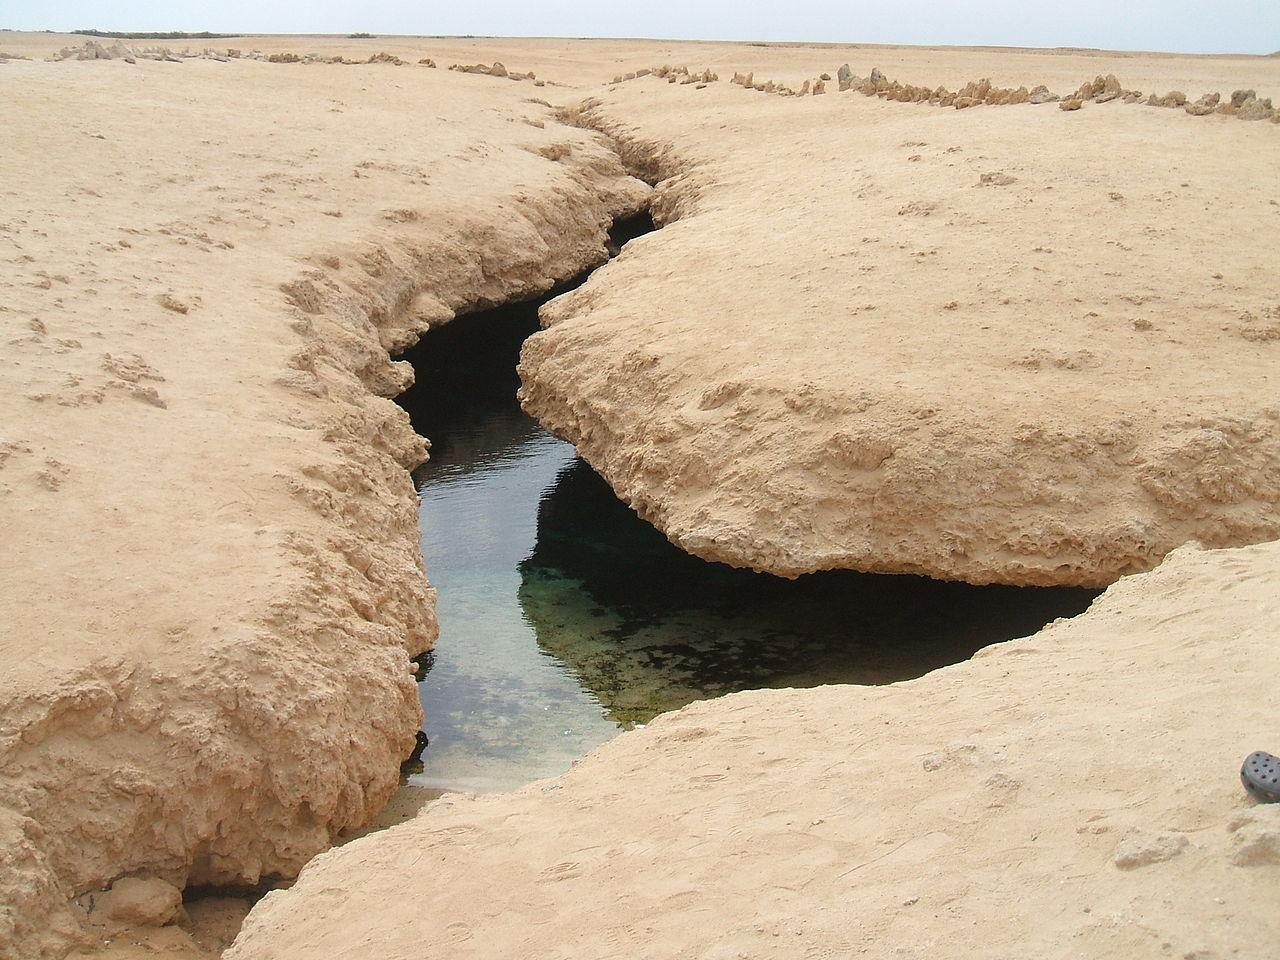 Национальный парк Рас-Мохаммед, тектонический разлом